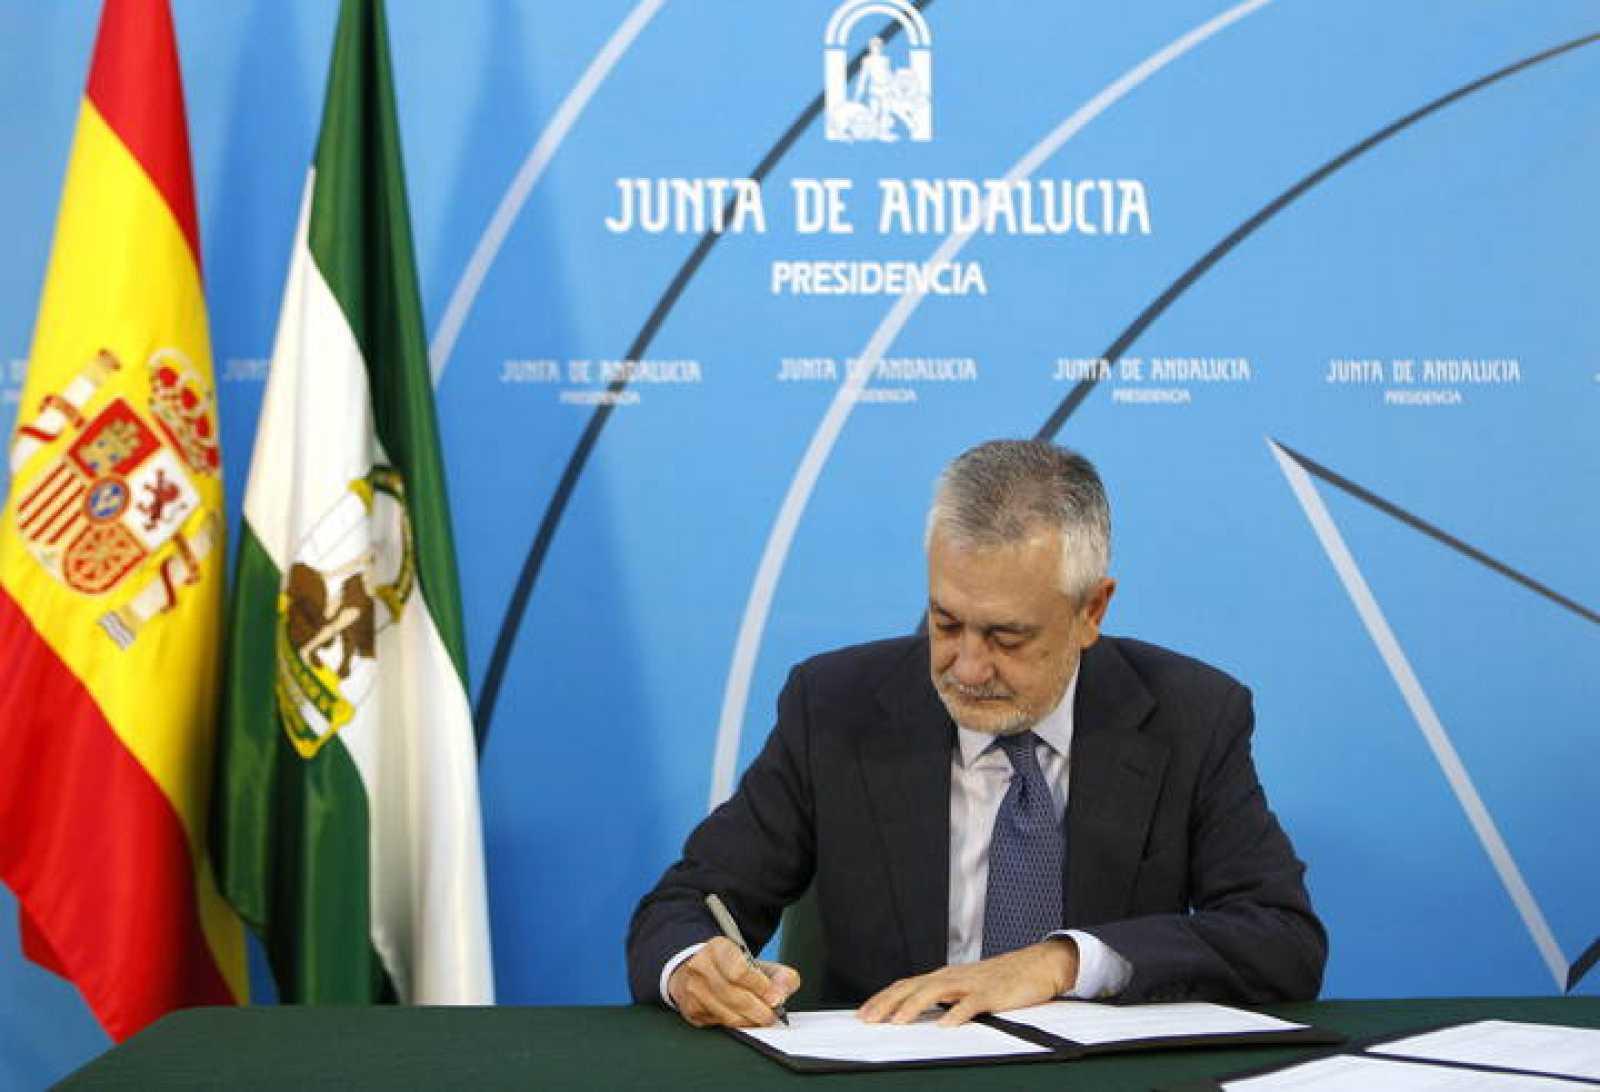 El presidente de la Junta de Andalucía, José Antonio Griñán firma la convocatoria de las elecciones andaluzas.